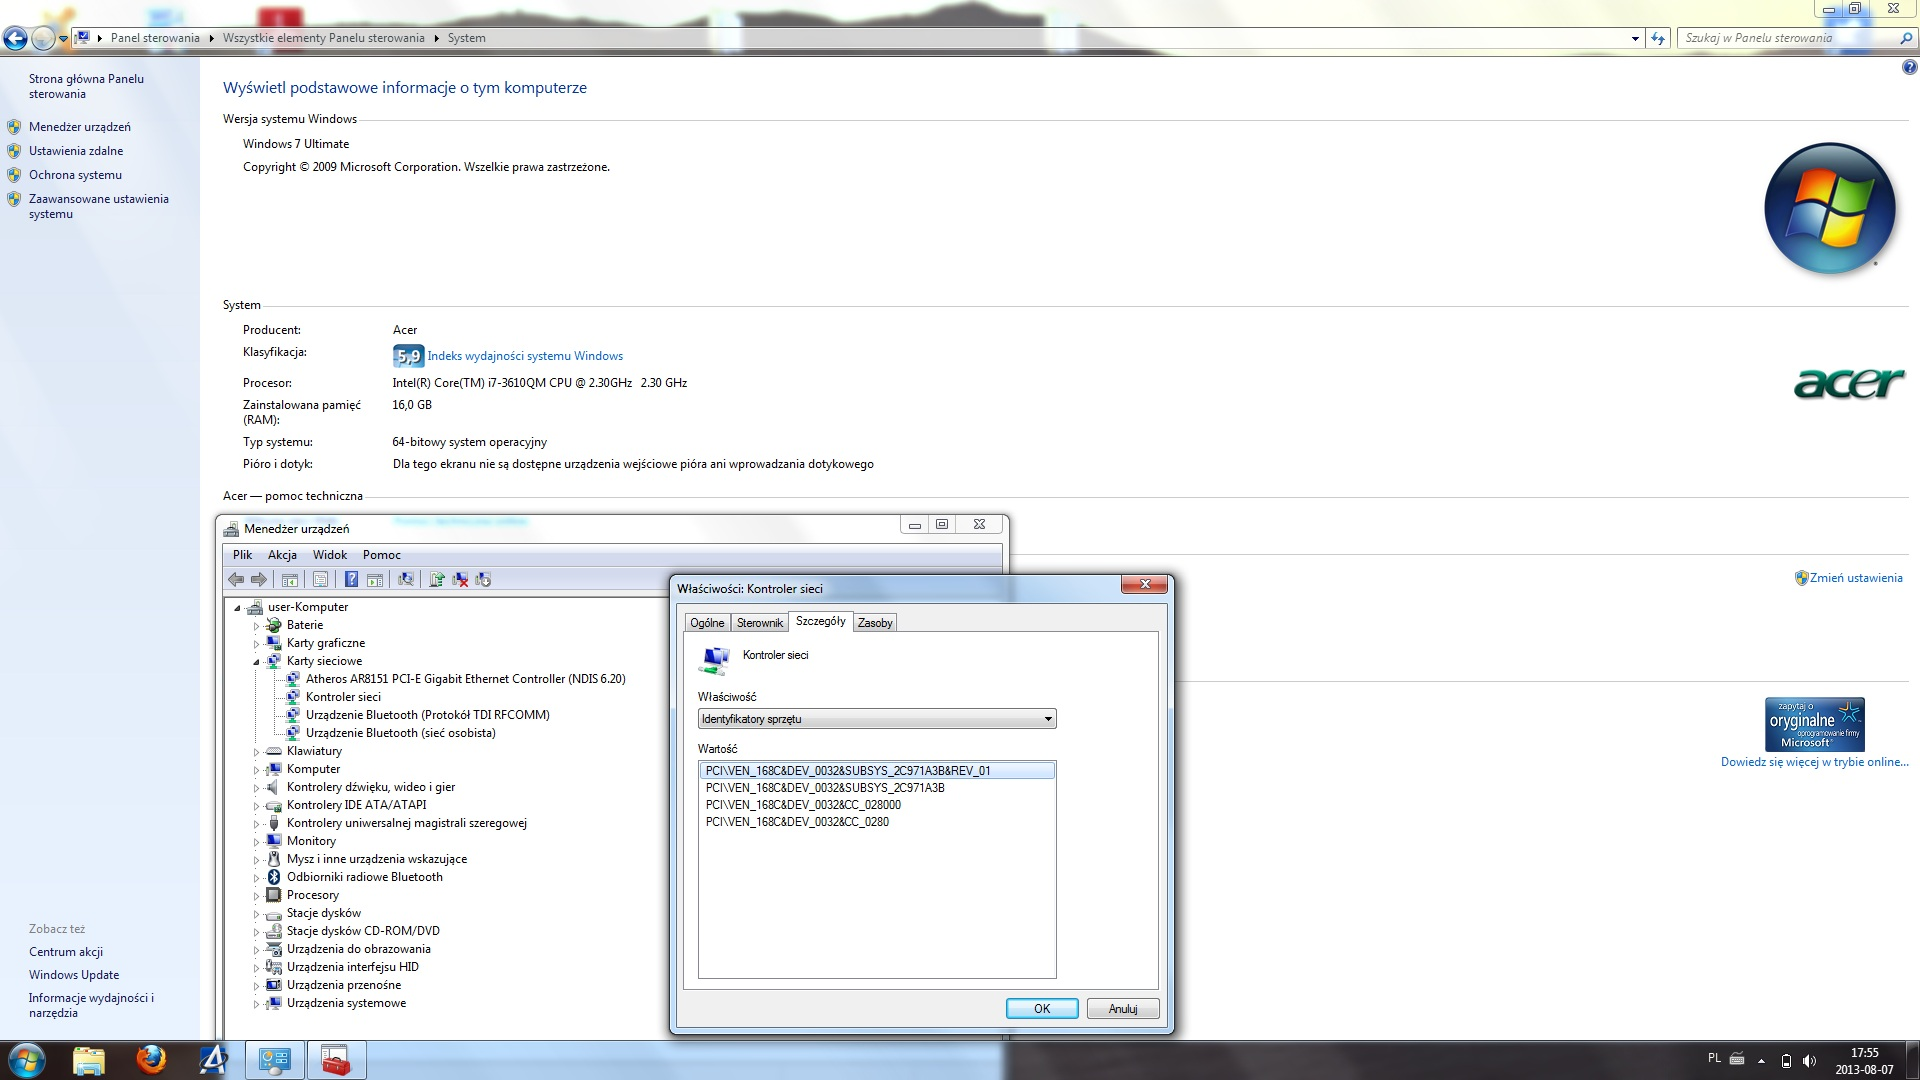 Windows 7 64-bit - totalne usuwanie sterownik�w